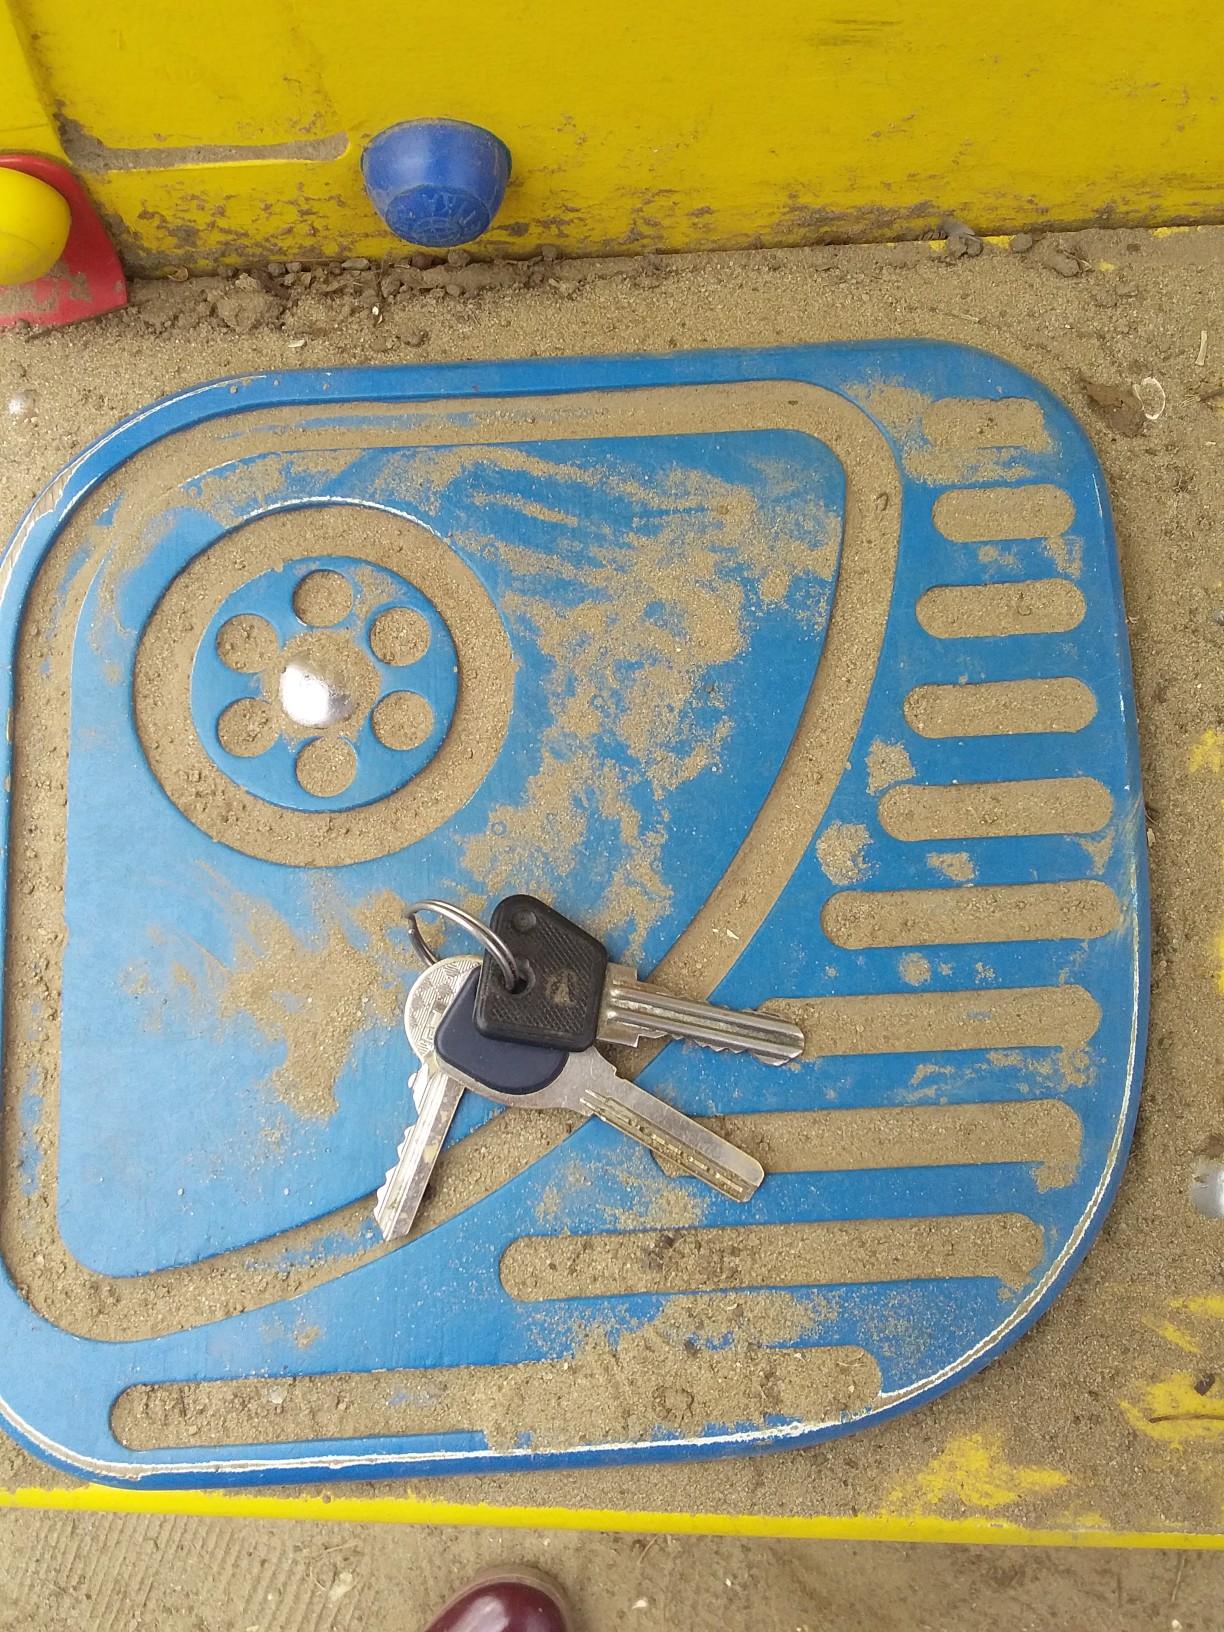 1) На дитячому майданчику,в районі Площі, було знайдено ключи,відам власнику.